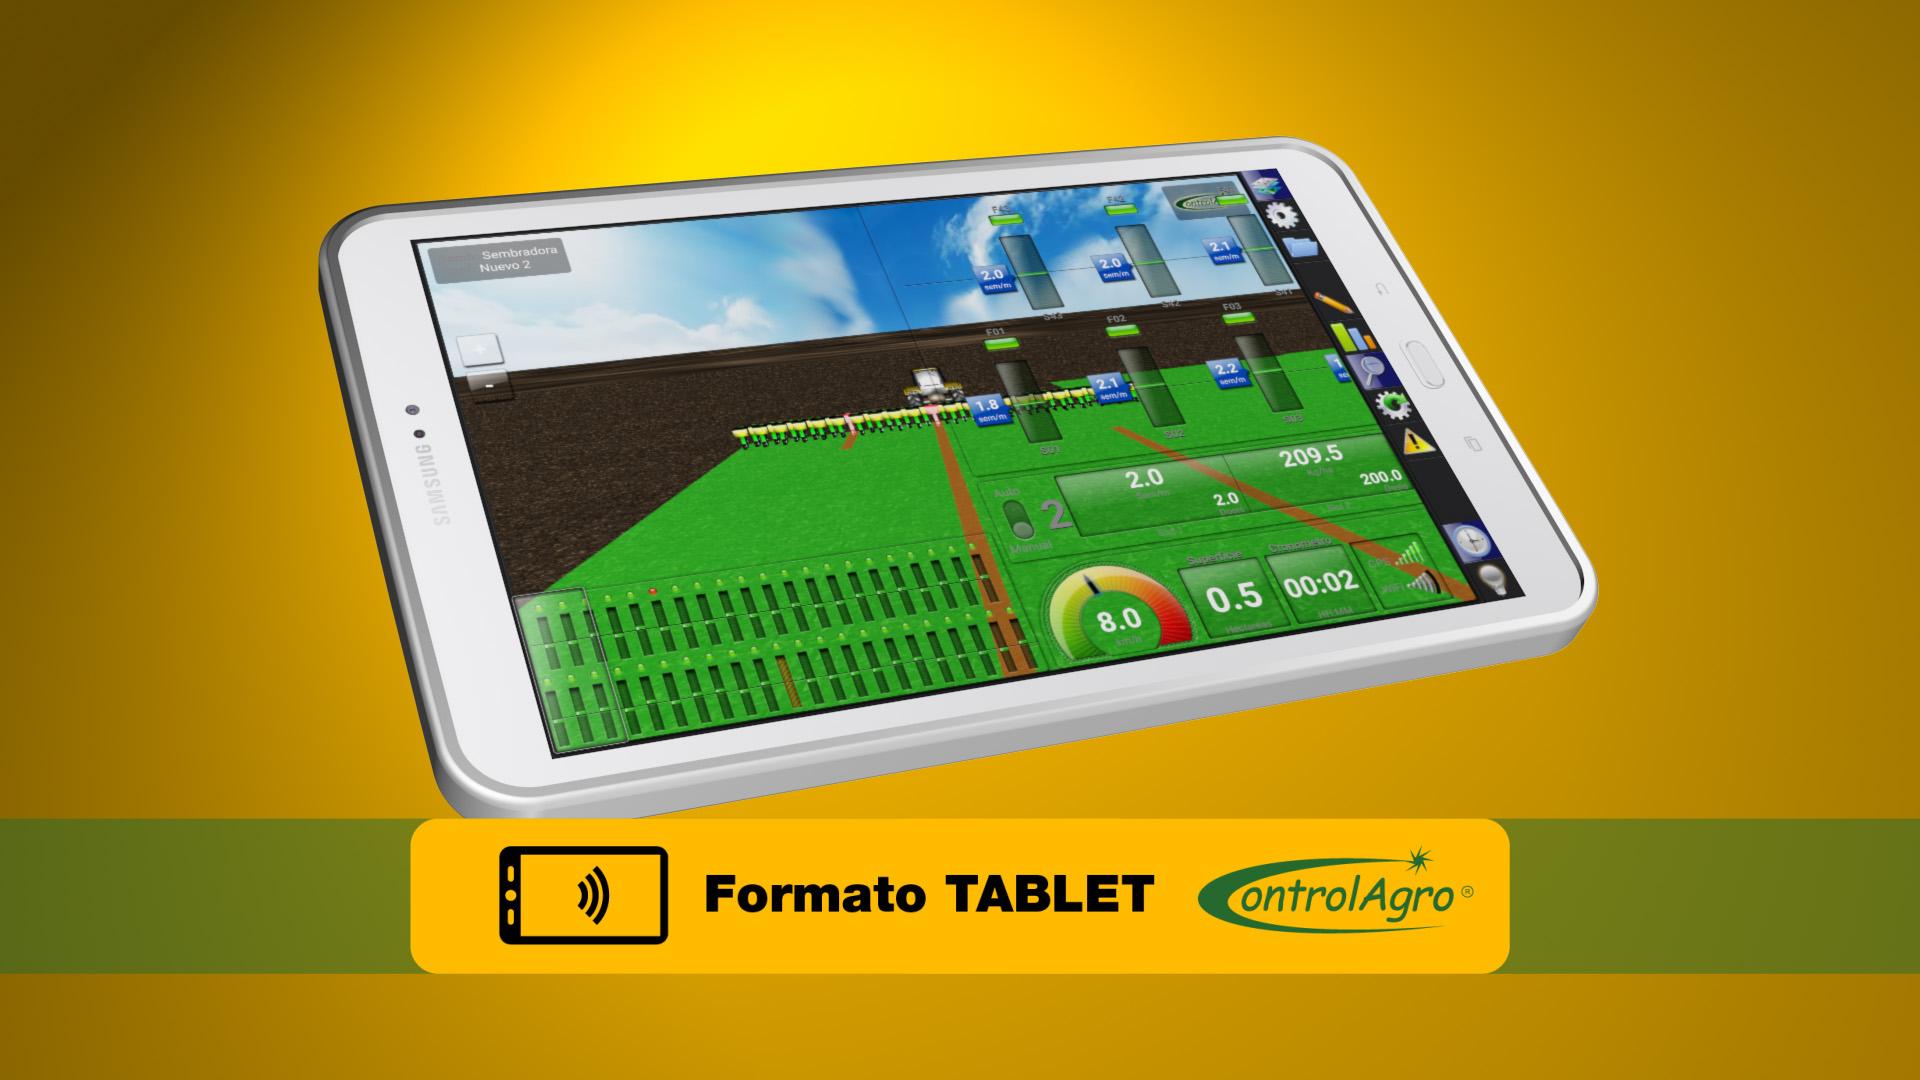 El software de control y operación del CAS 5100T esta diseñado para una pantalla tablet full color.